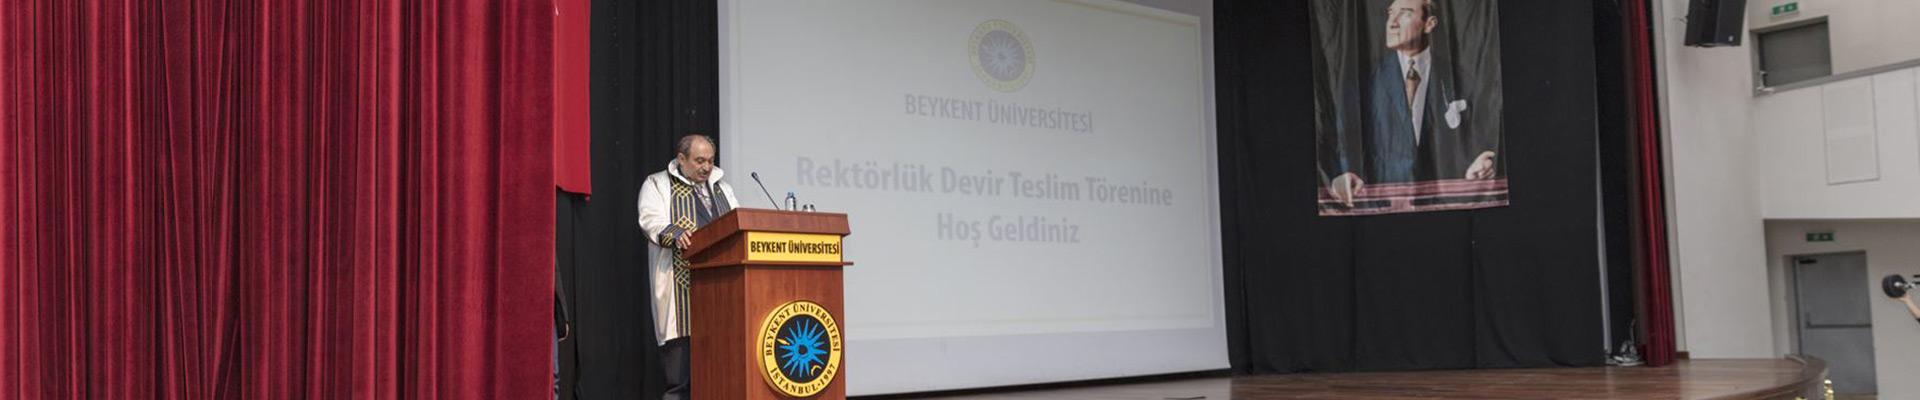 Rektörlük-Devir-Teslim-Töreni-1920-400